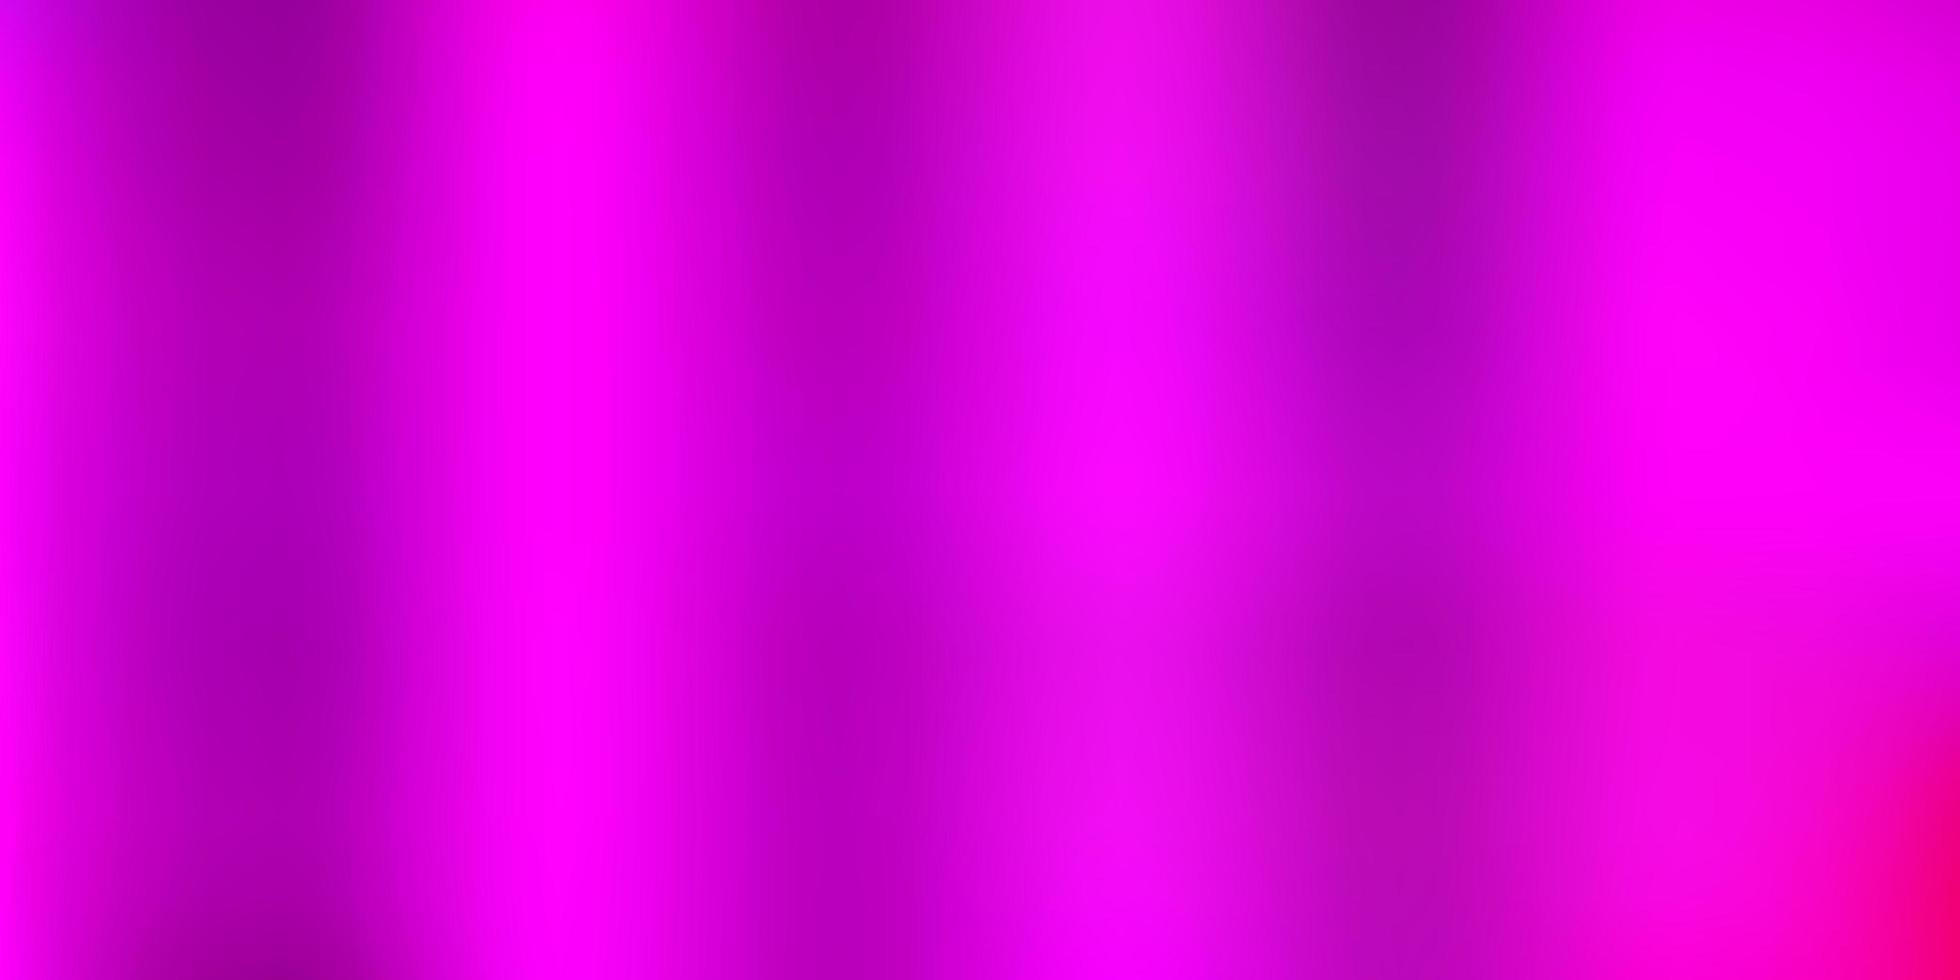 layout di sfocatura vettoriale viola chiaro, rosa.